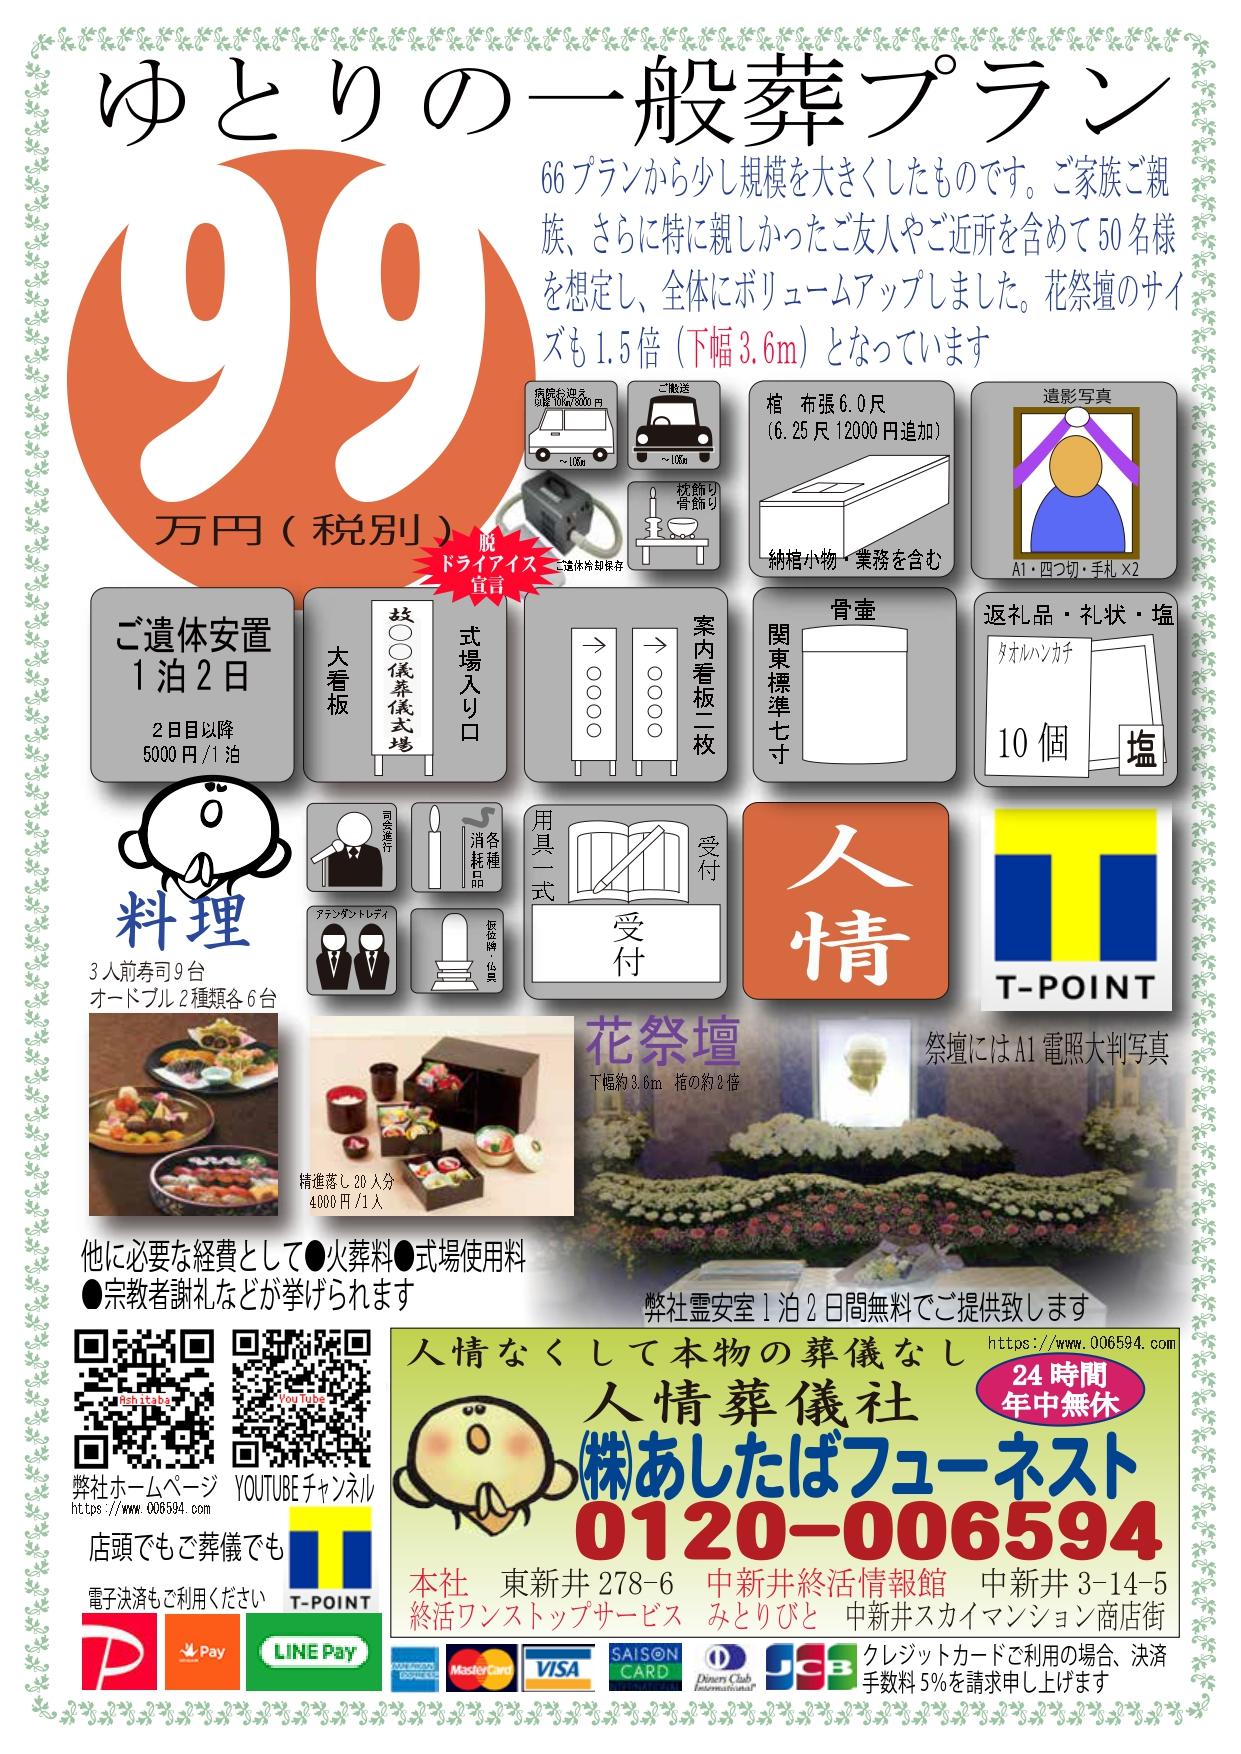 ゆとりの一般葬プラン(税別99万円)